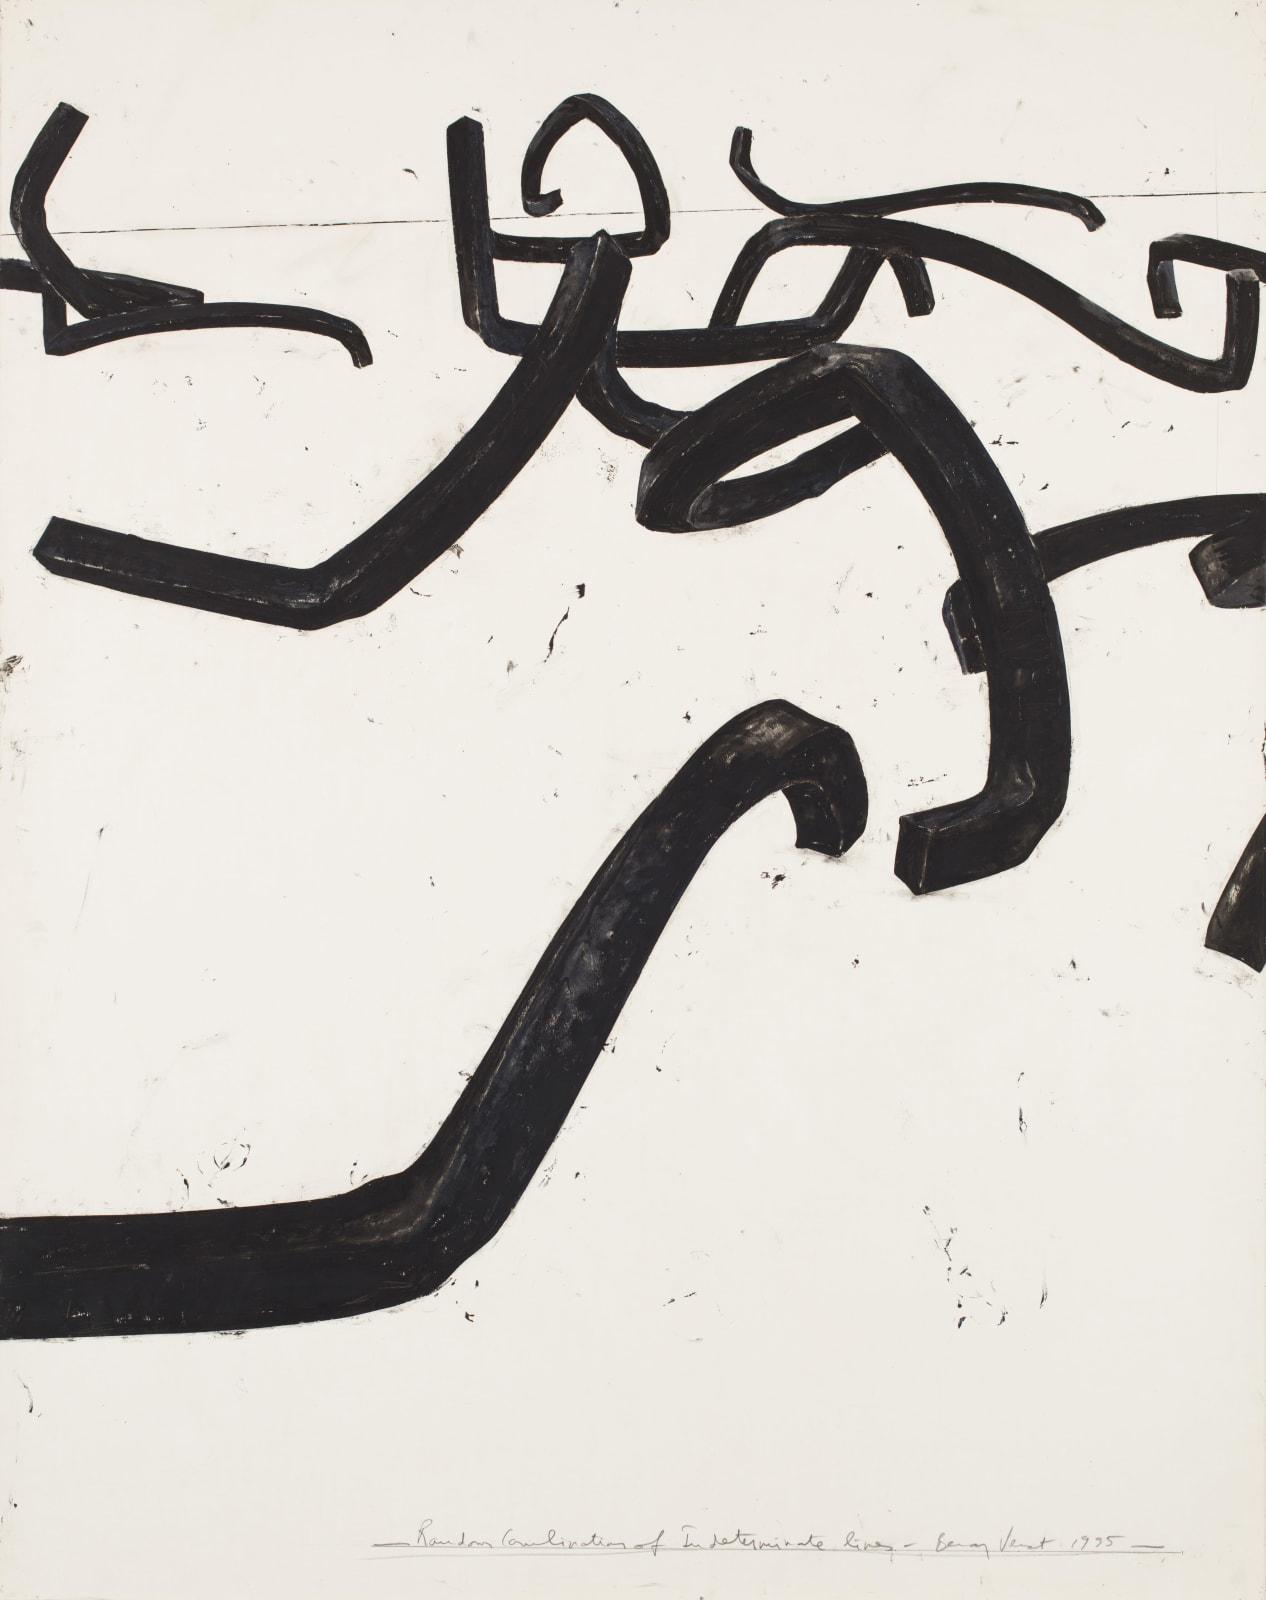 Bernar Venet, Random Combination of indeterminate lines, 1995